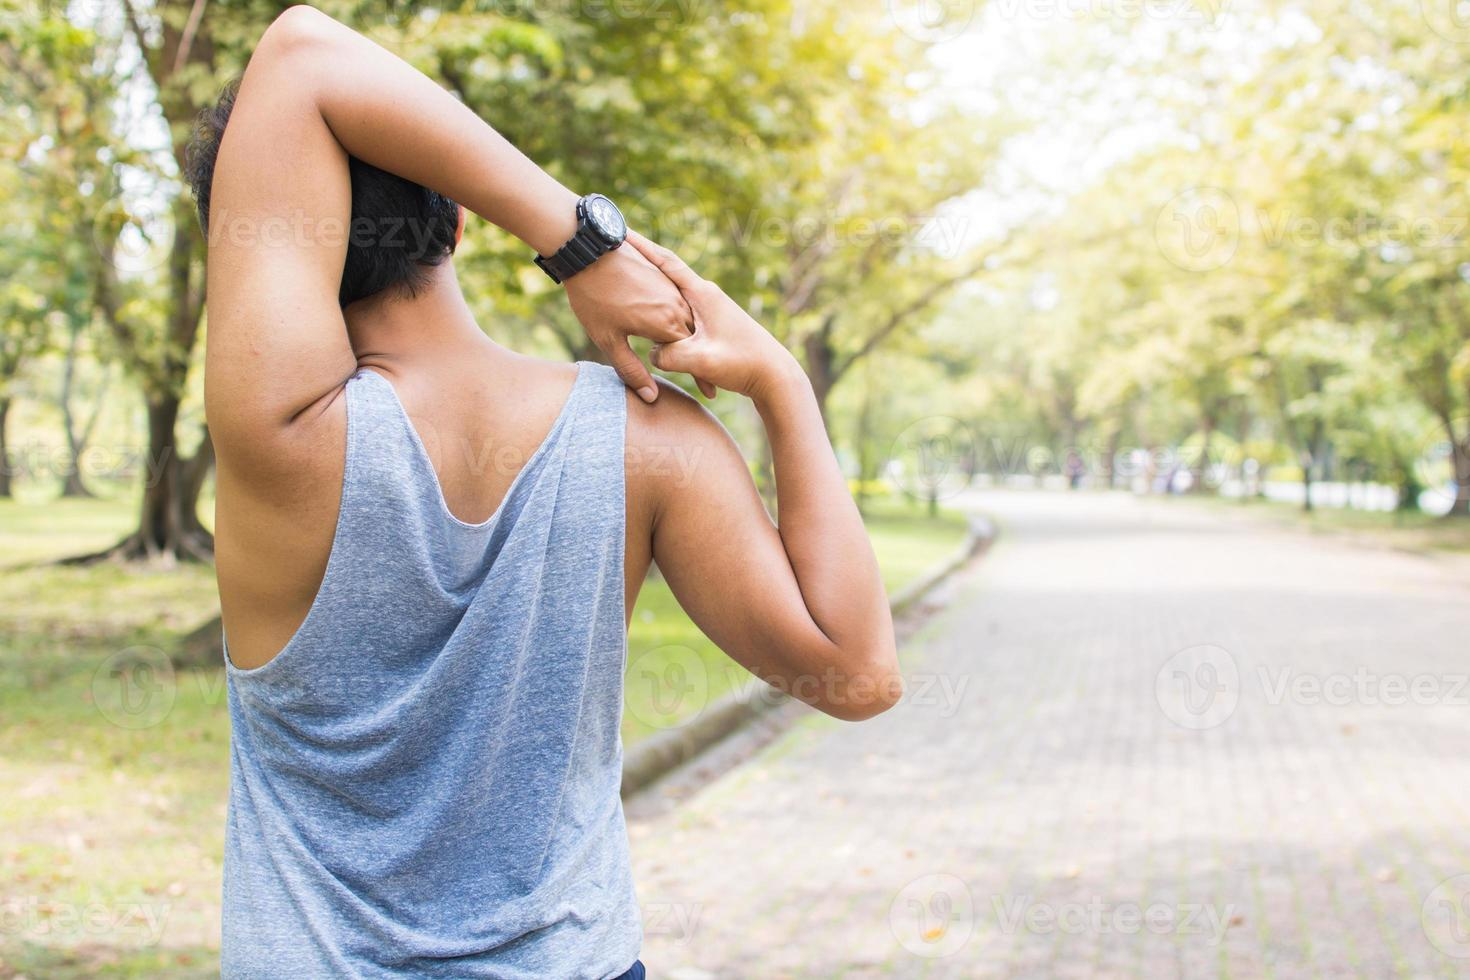 Hombre haciendo estiramientos de brazos en un parque foto